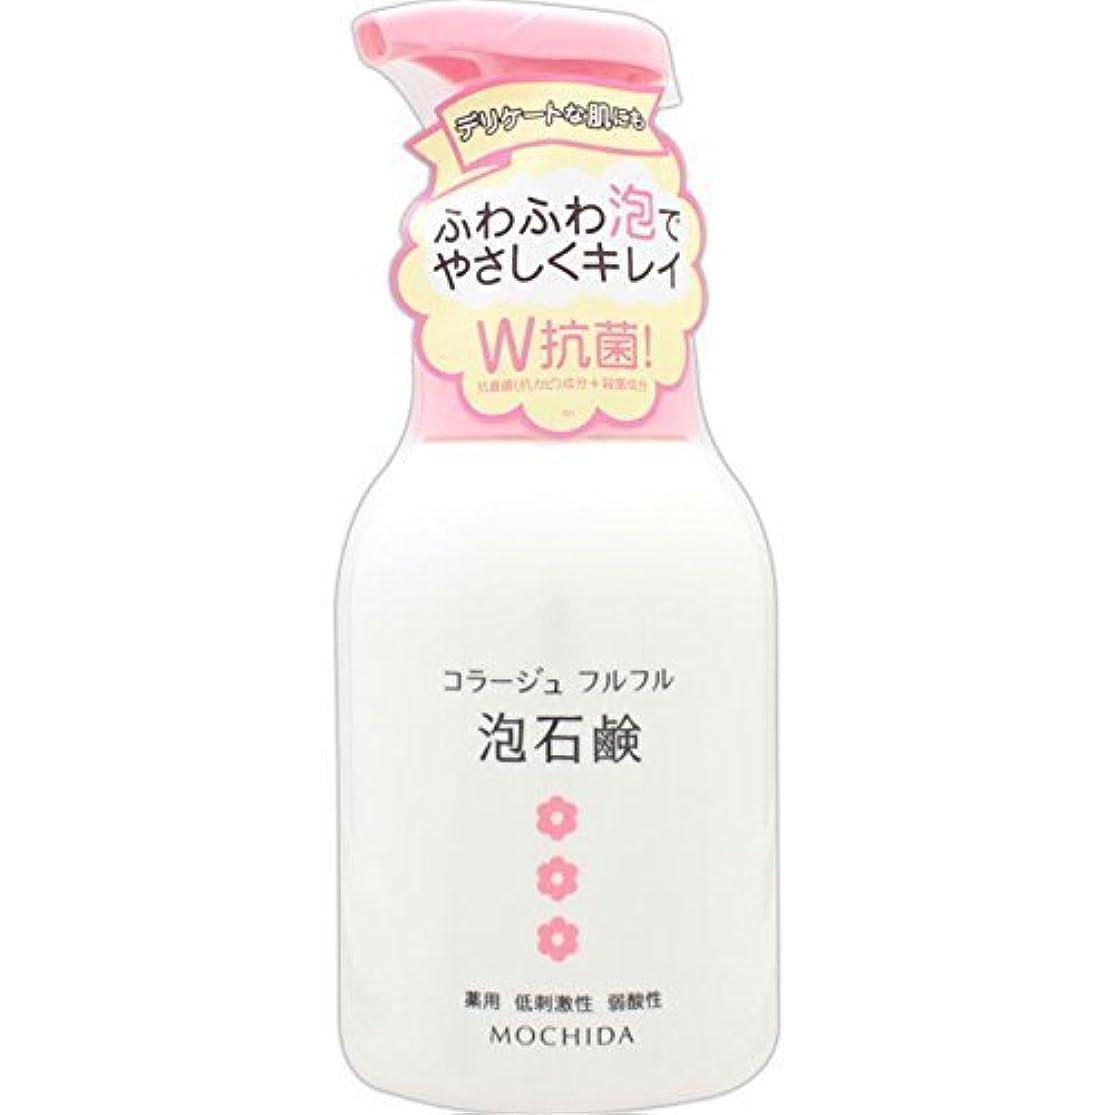 雑品同化するマリンコラージュフルフル 泡石鹸 ピンク 300m L (医薬部外品) ×7